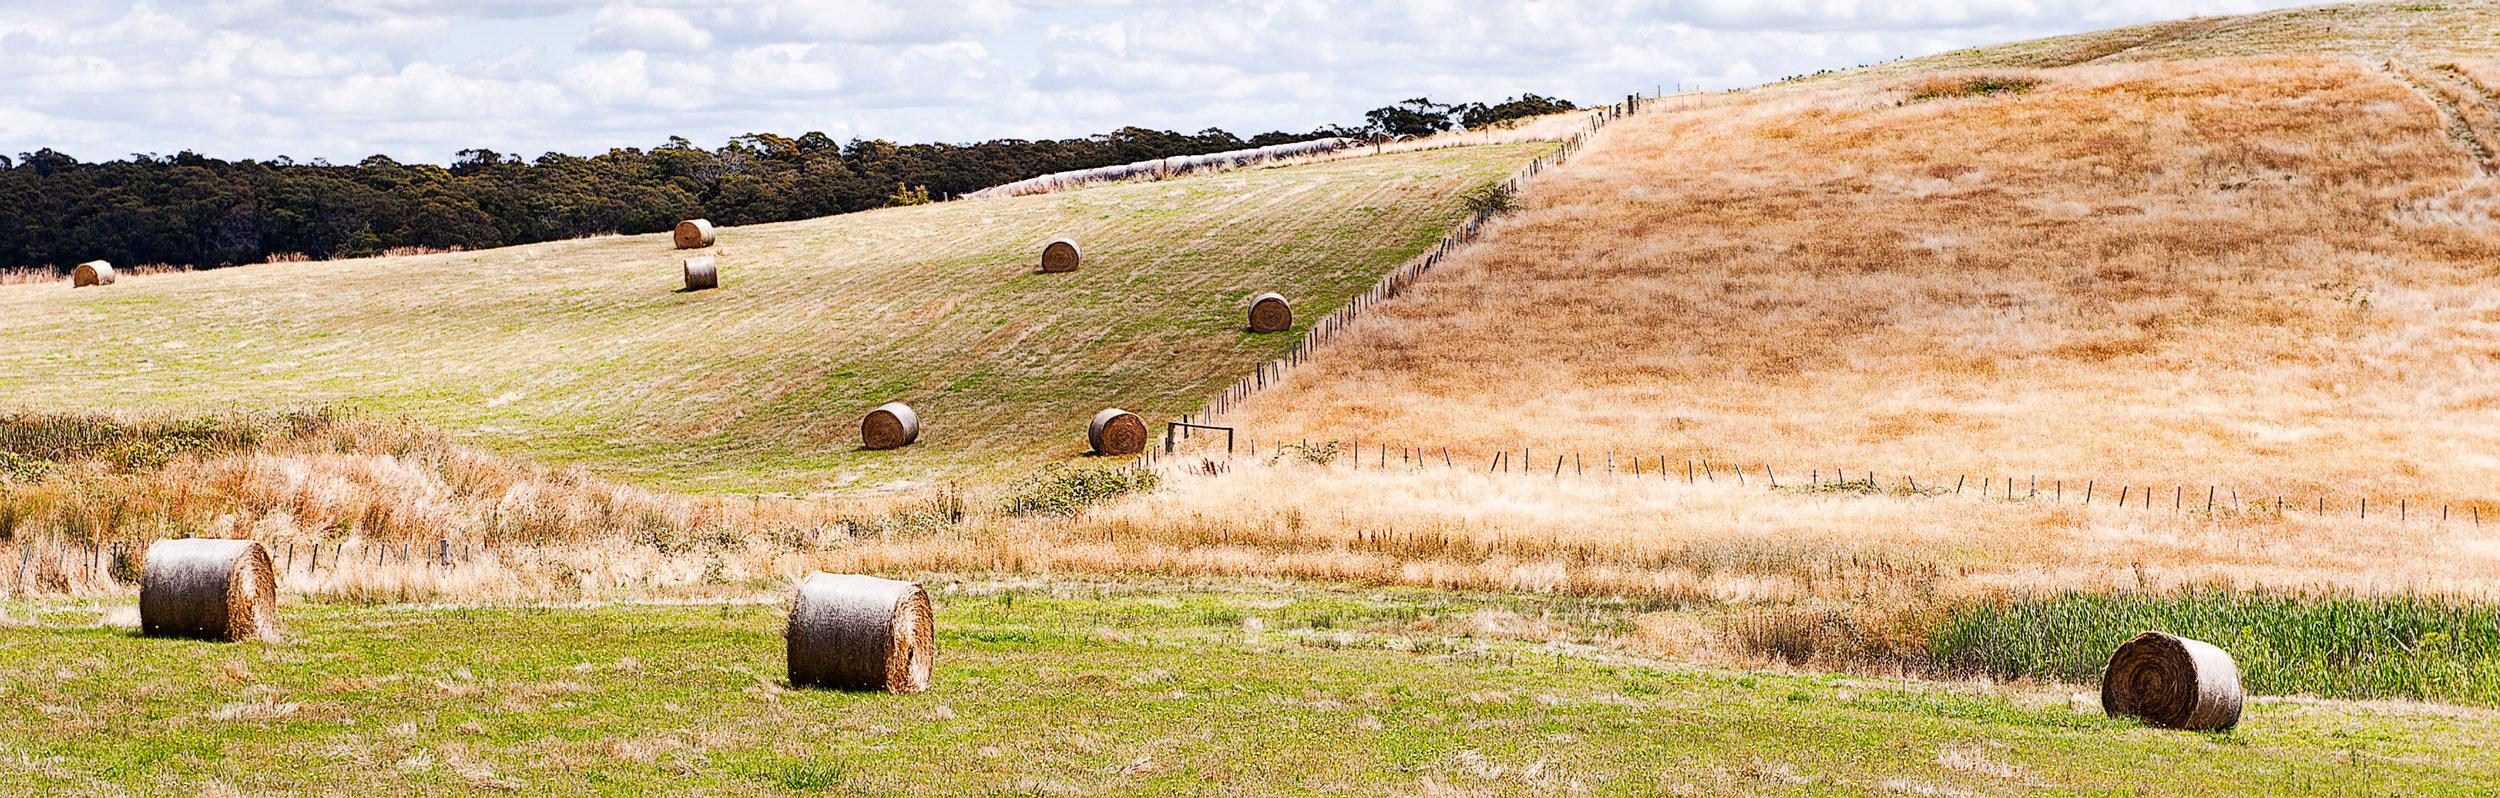 Australia-John Bardell-3409a.jpg